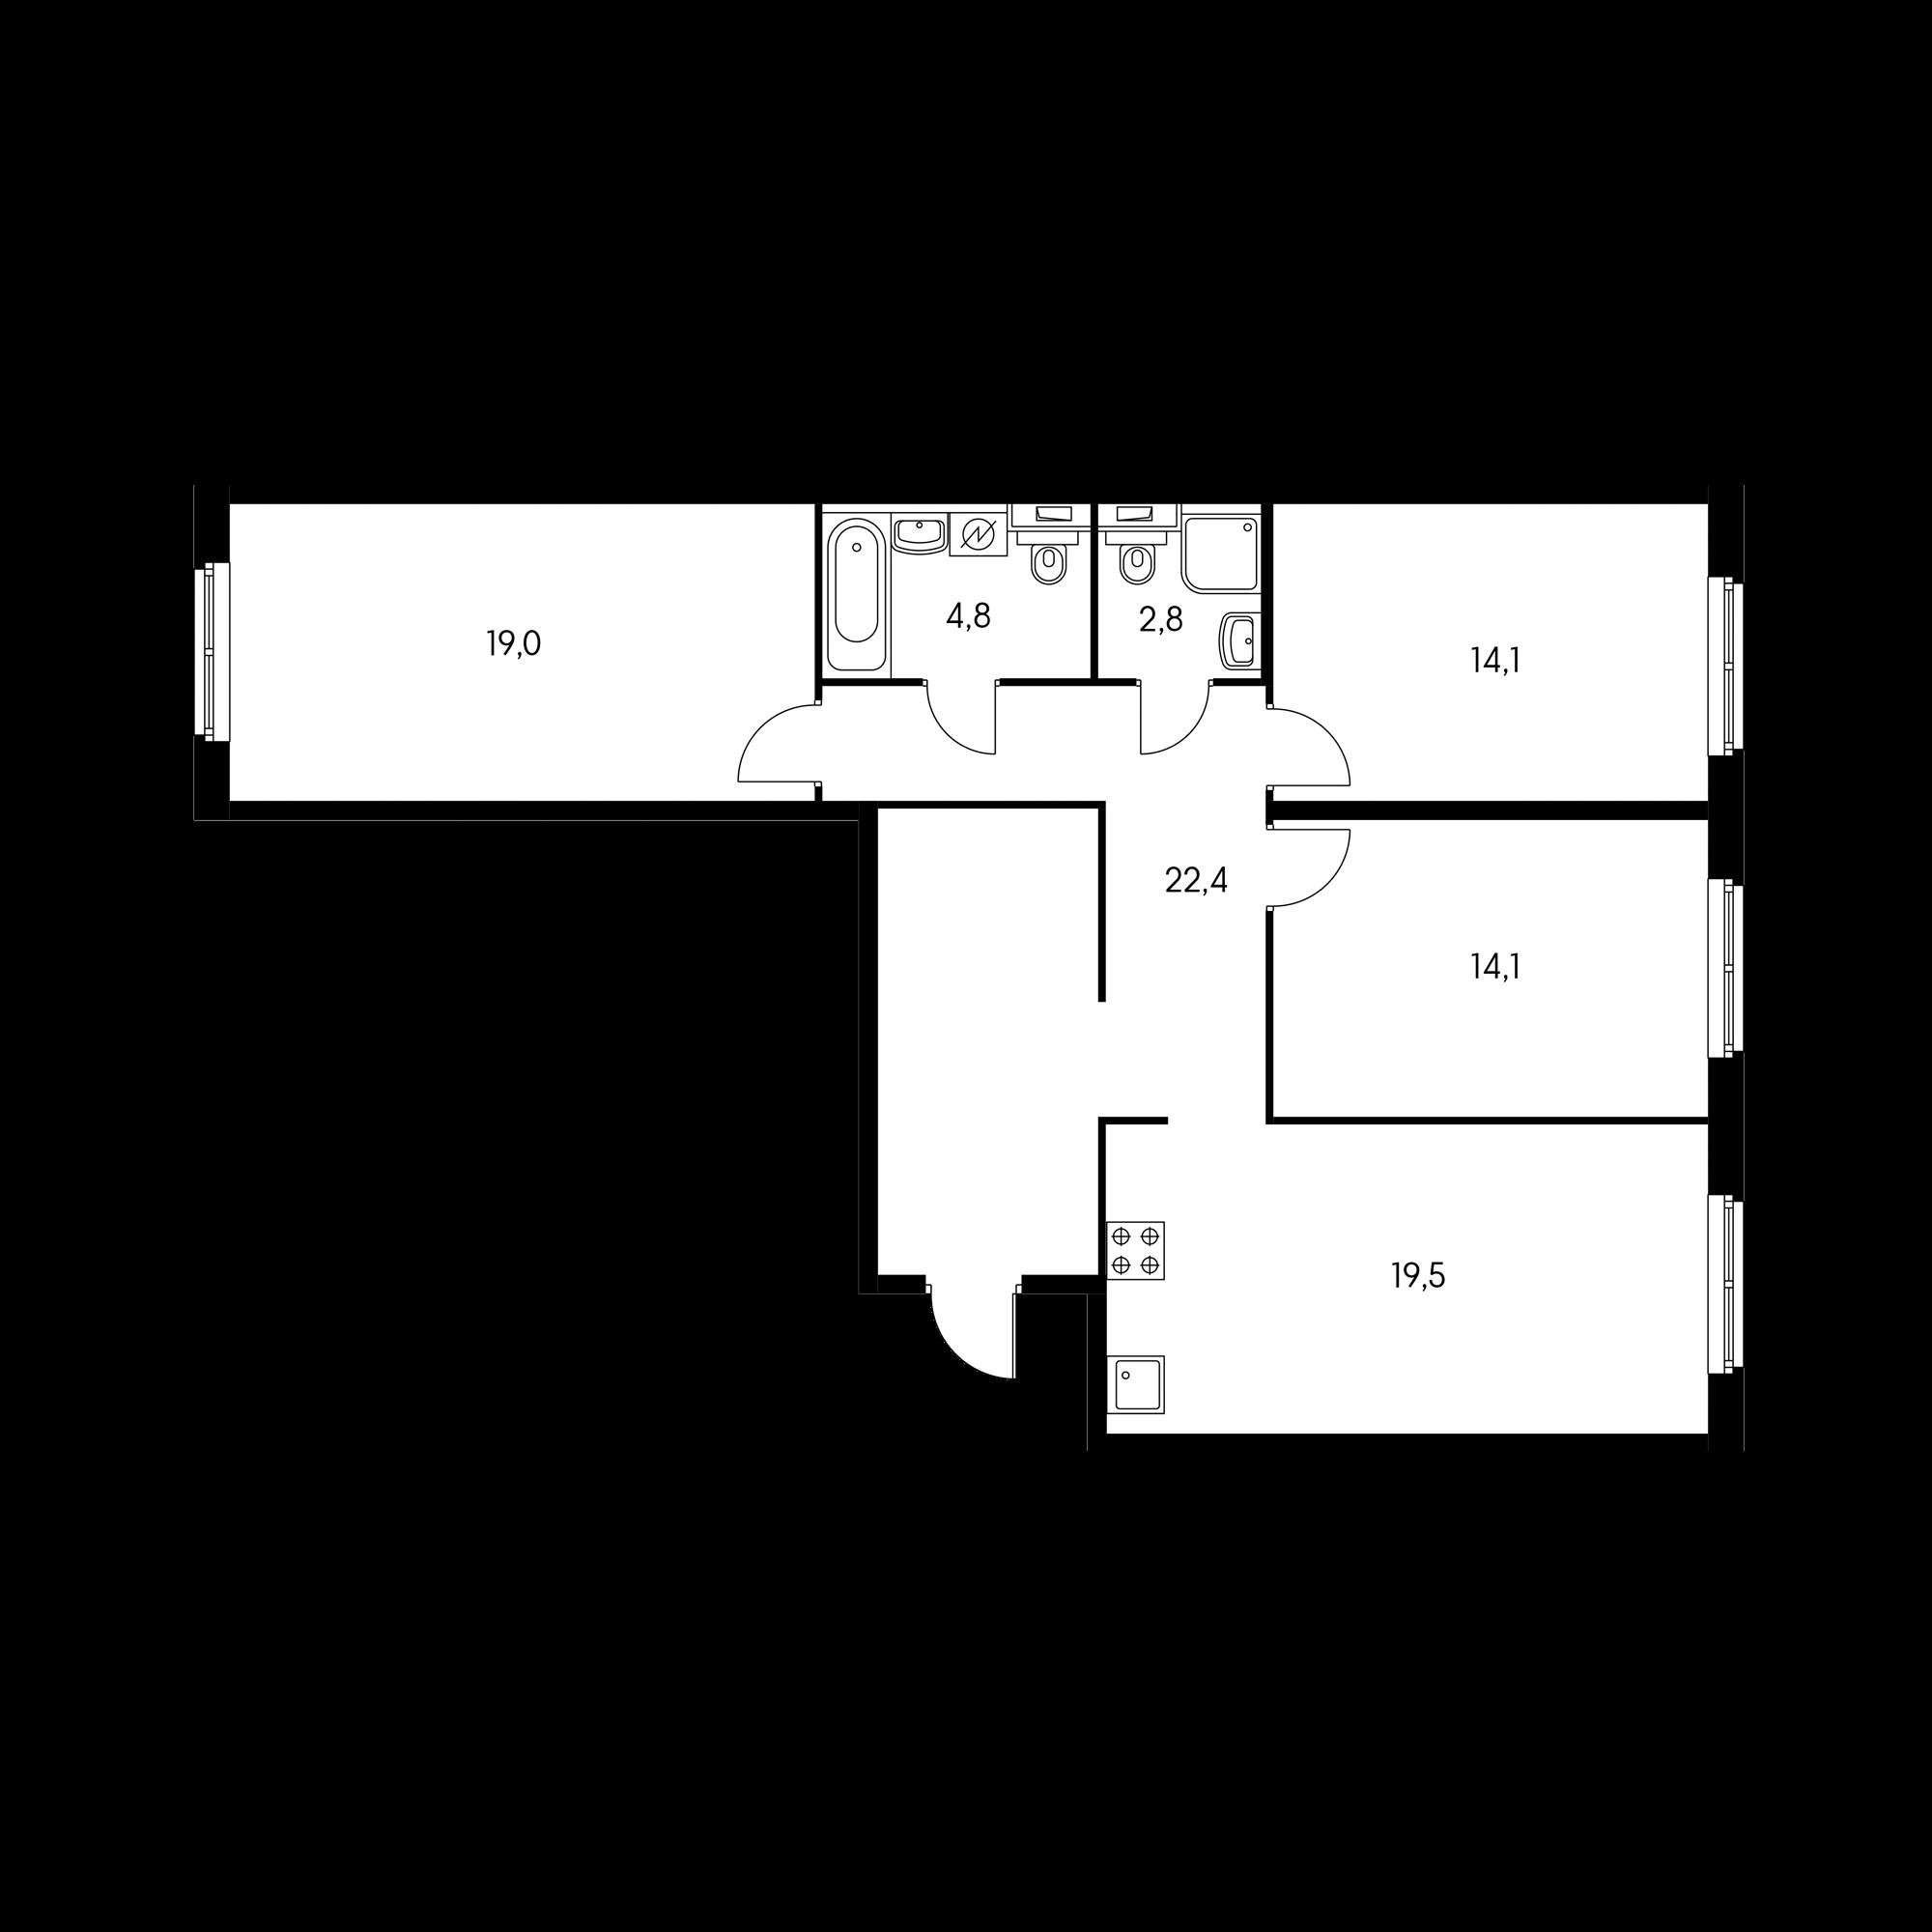 3-комнатная 96.7 м²